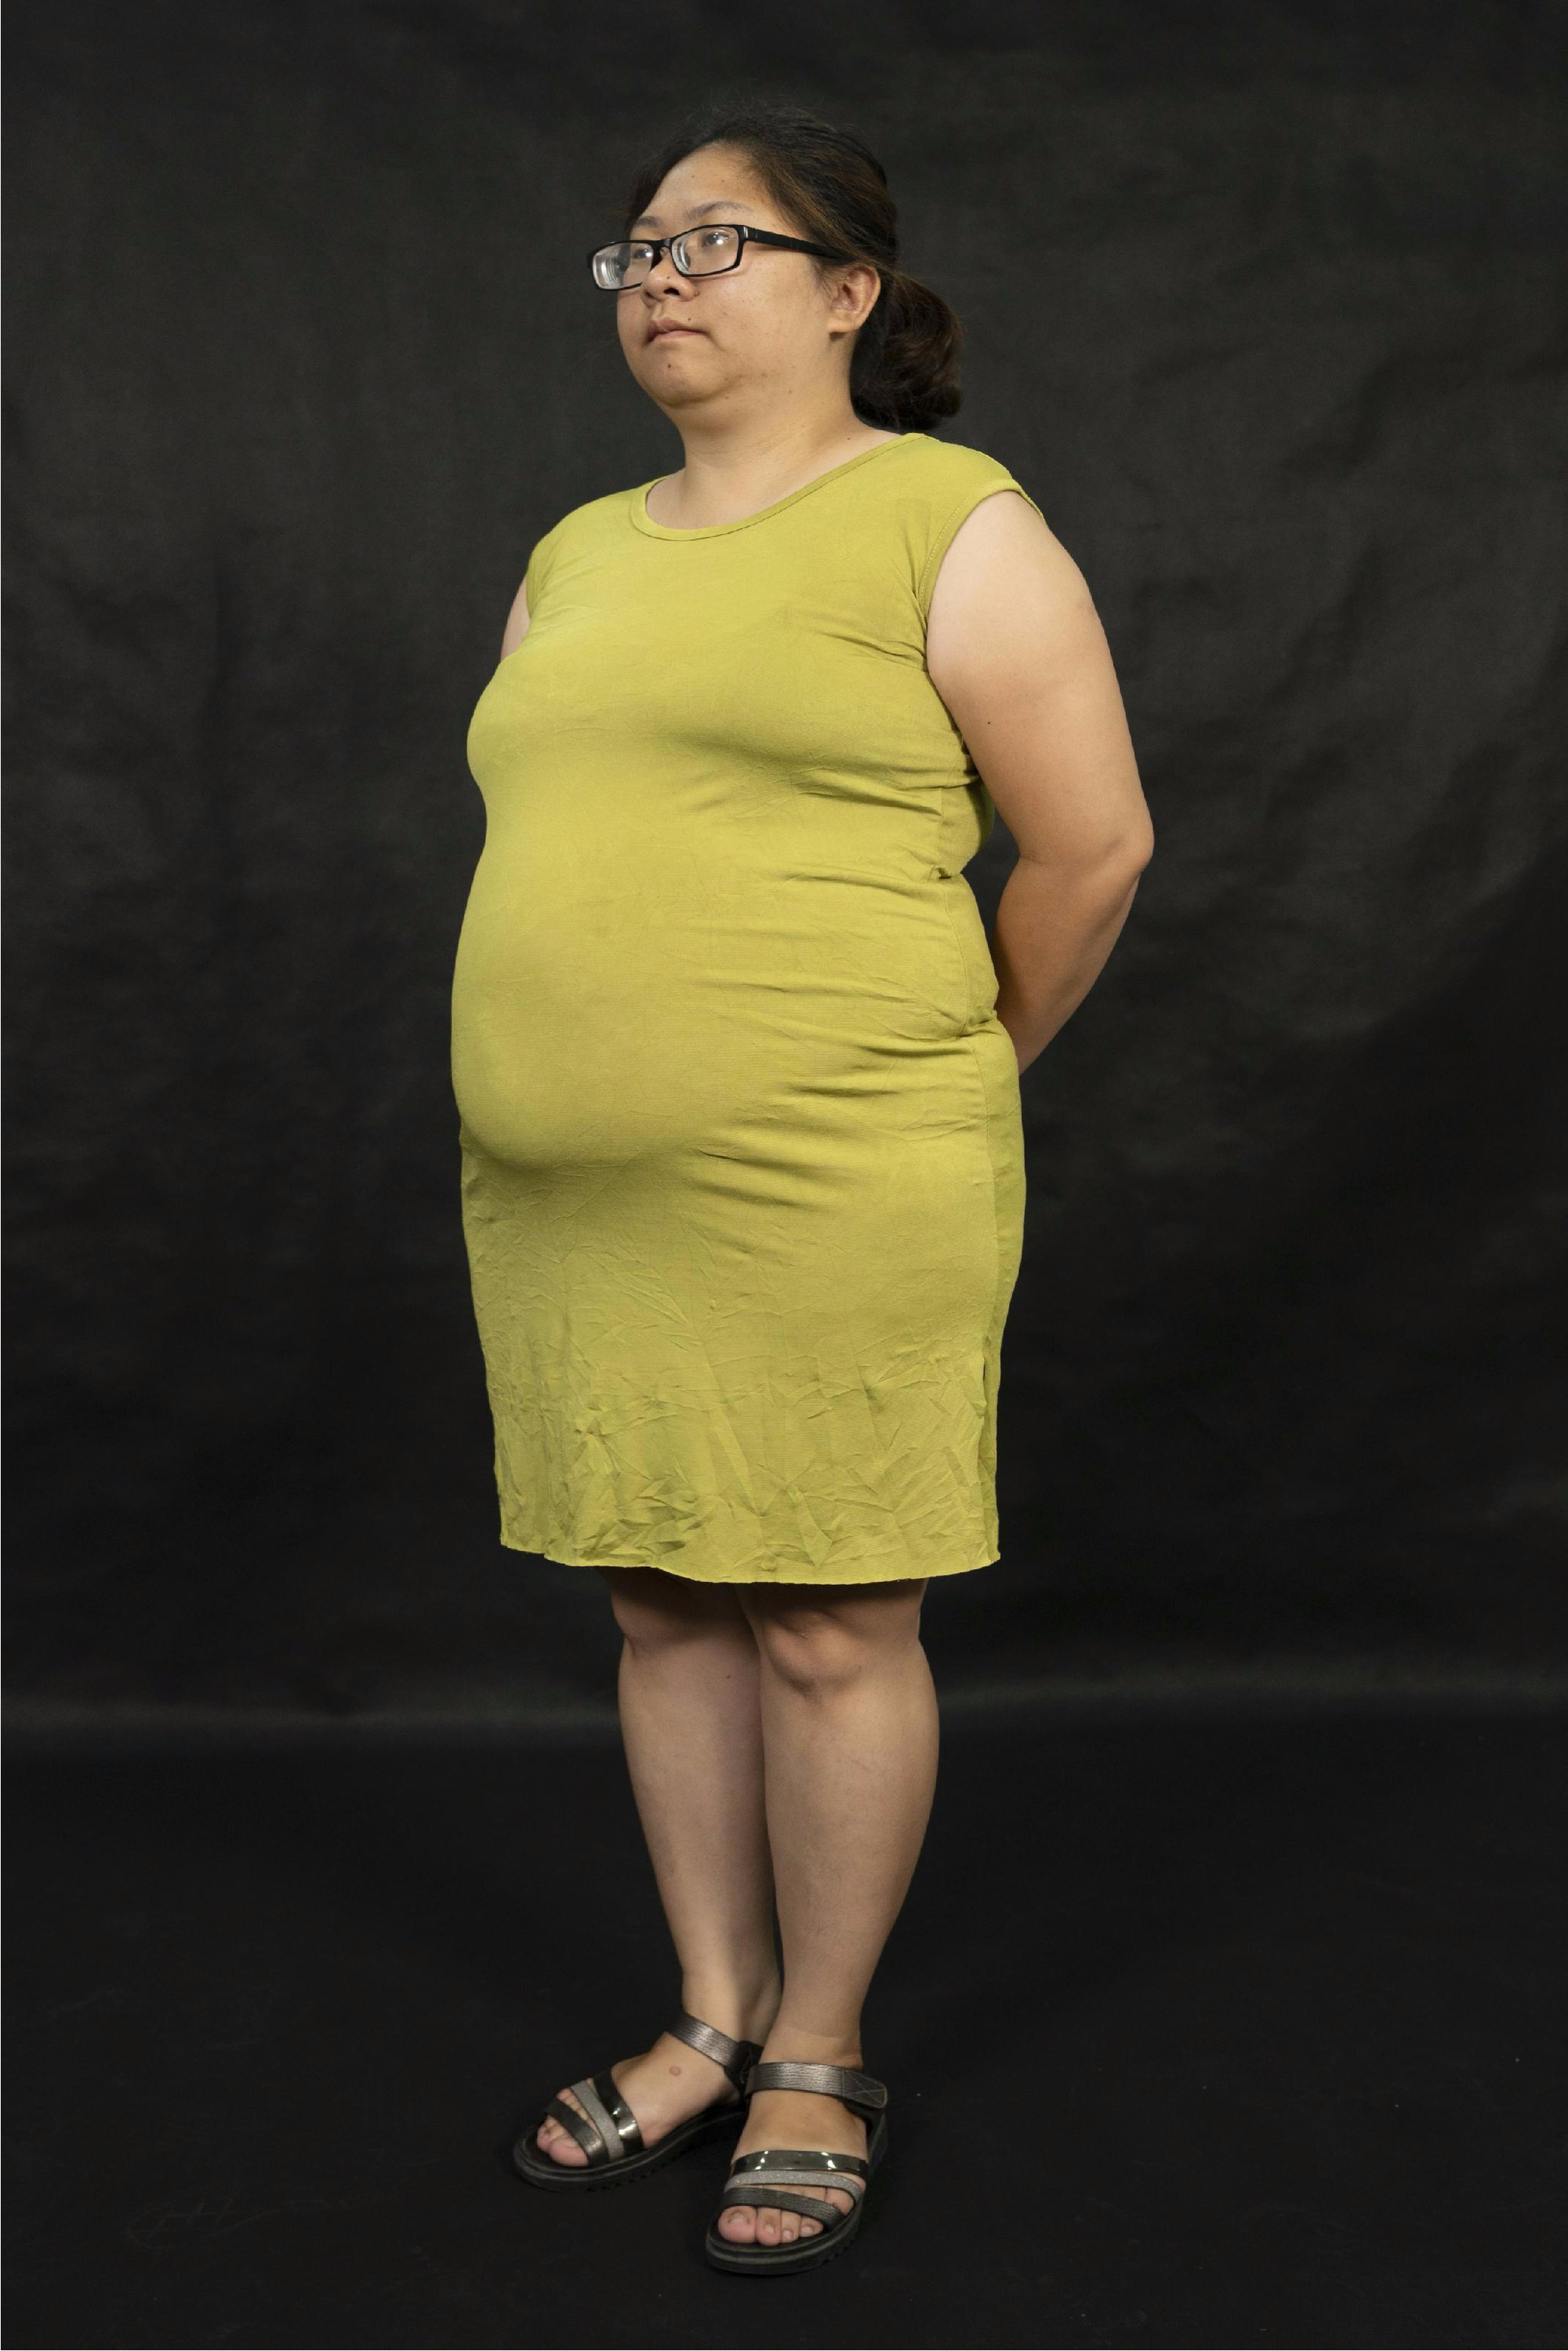 """Sau 2 tháng giảm 20 kg, mẹ đơn thân lột xác từ """"vịt cực xấu"""" hóa """"thiên nga xinh đẹp"""" - Ảnh 2."""